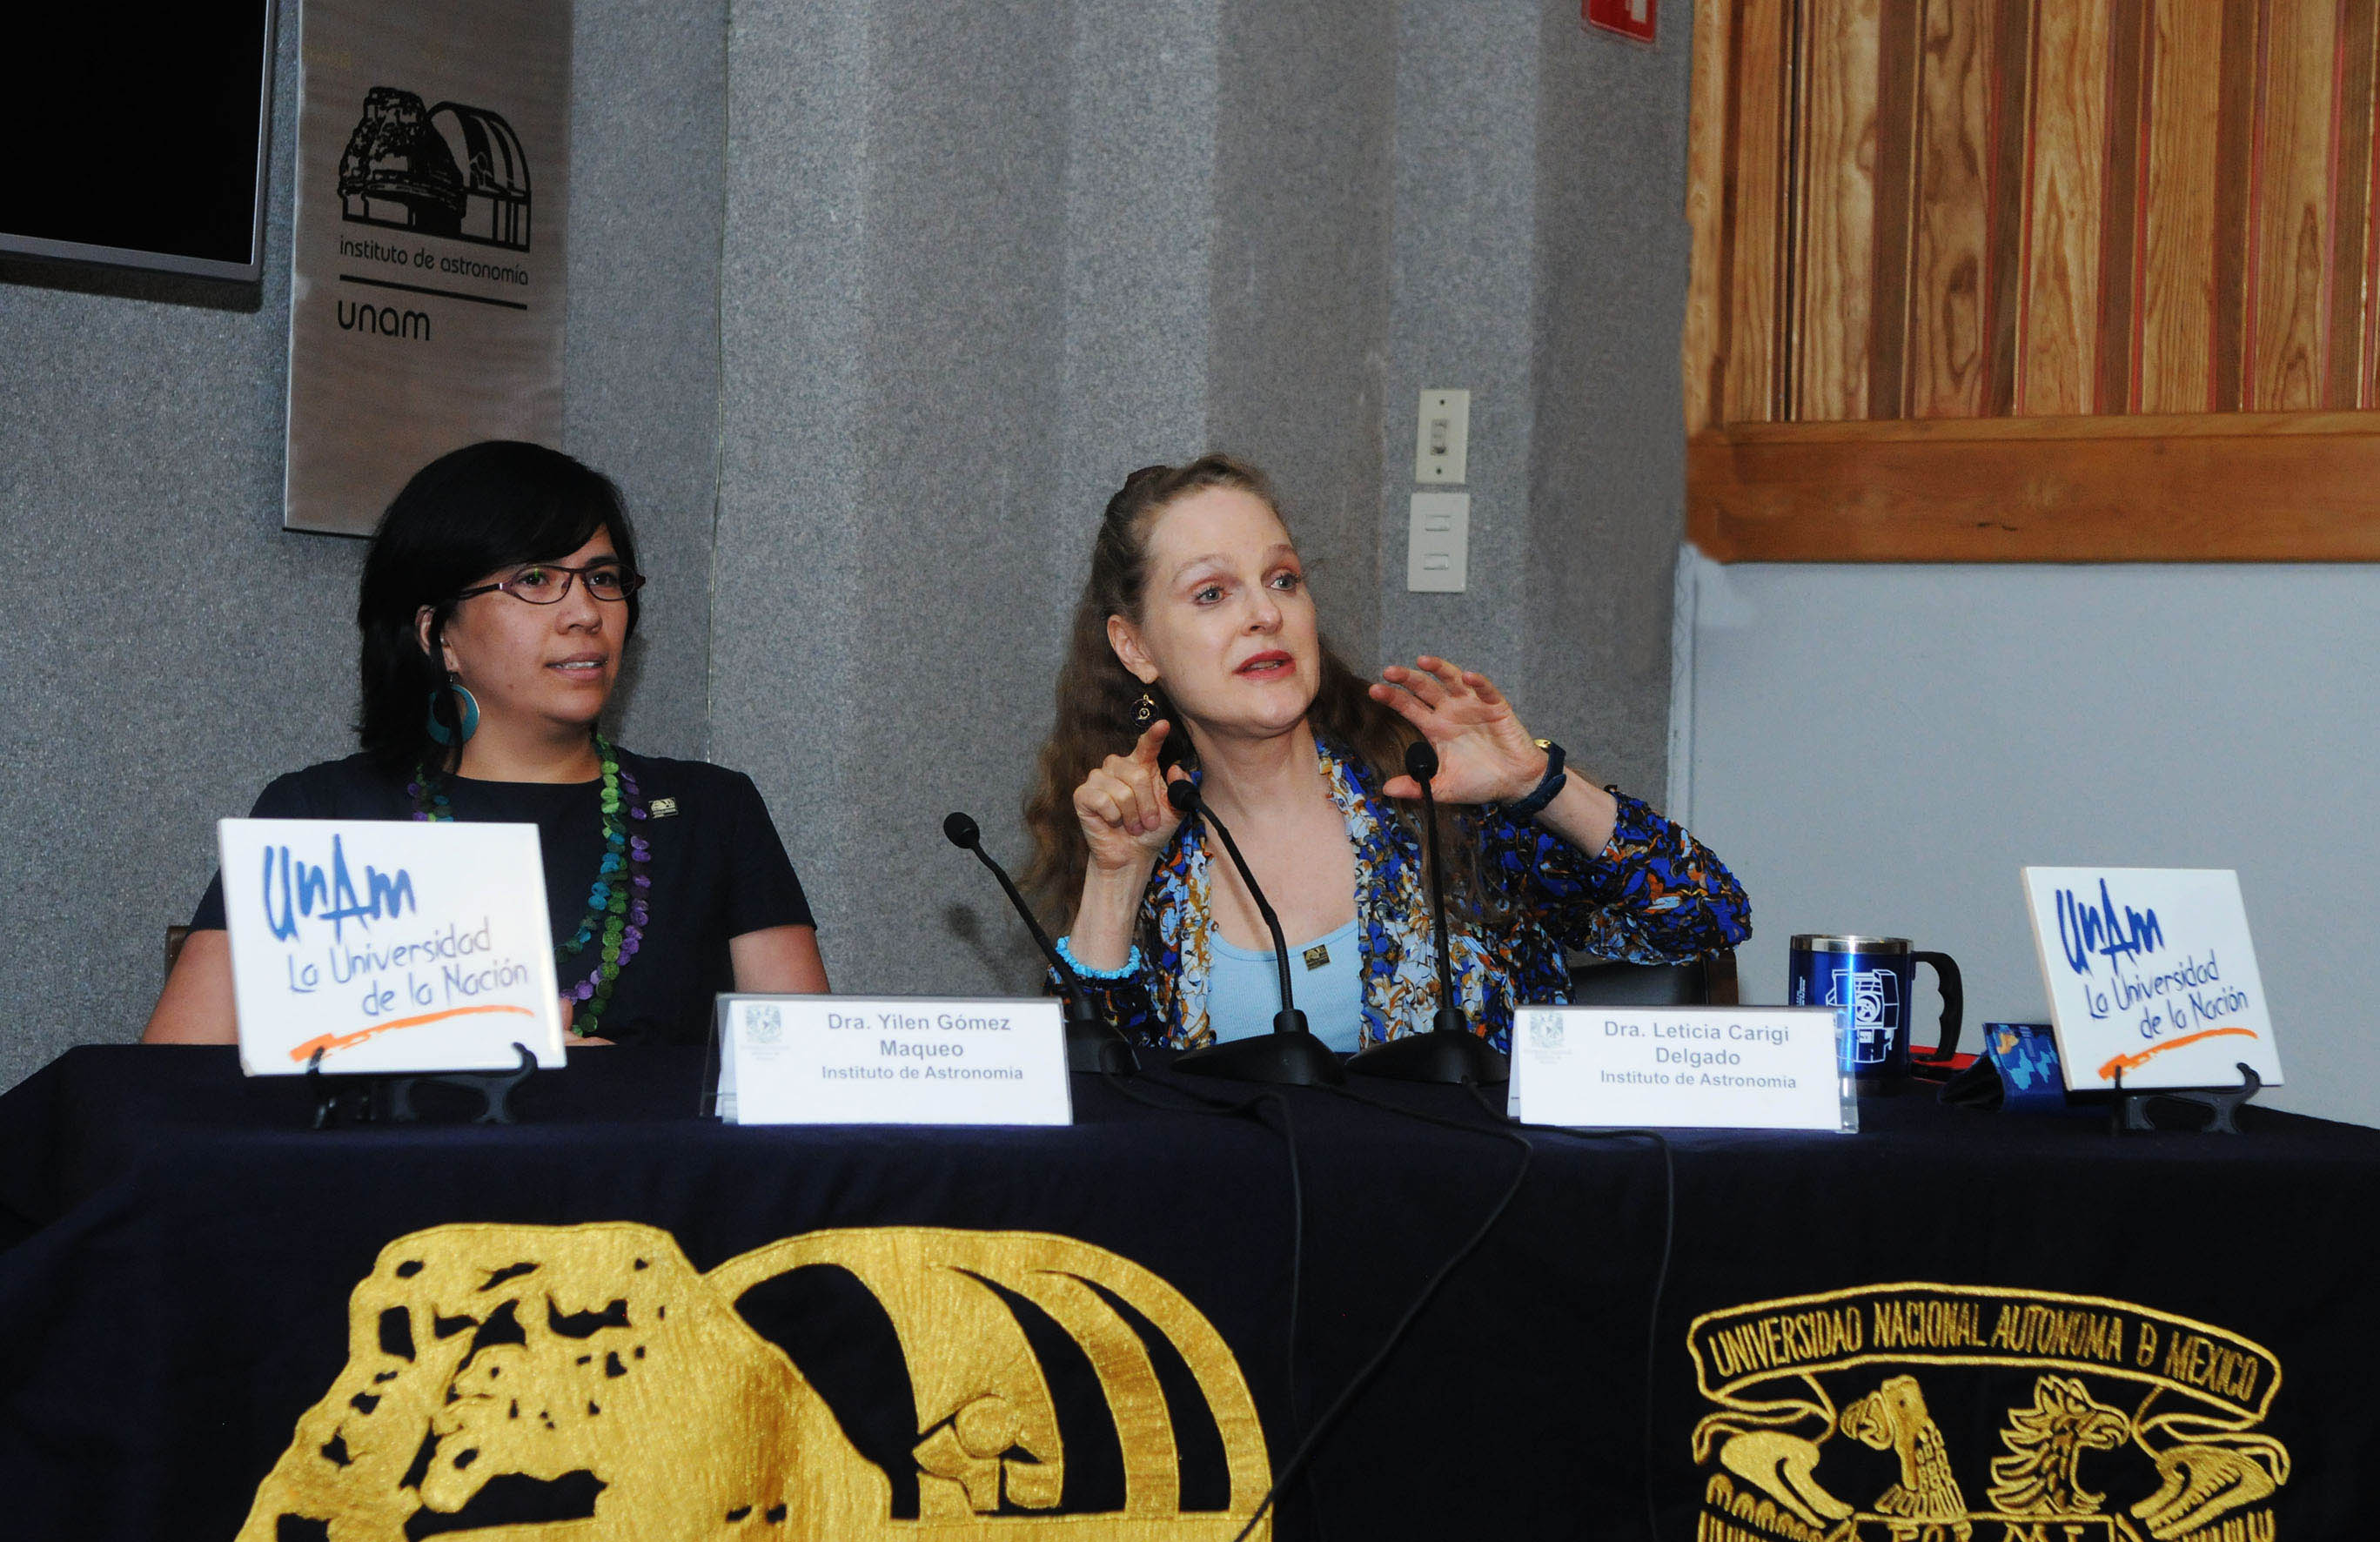 Dra. Yilen Gómez Maqueo y Dra. Leticia Carigi Delgado. Foto: UNAM